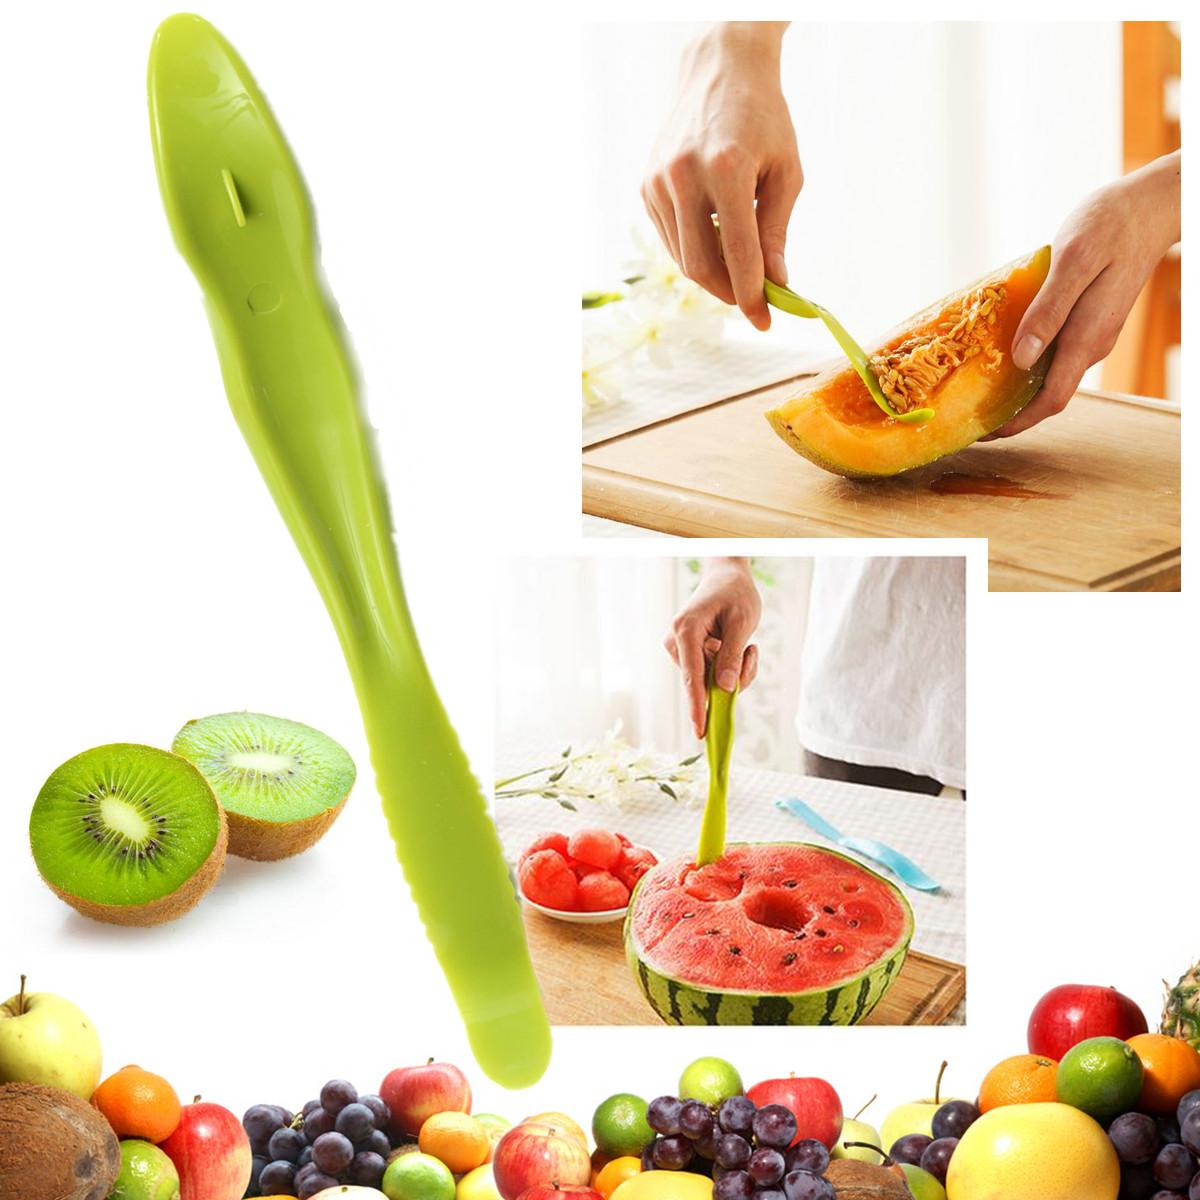 Open Peeler Slicer Cutter Picnic Travel Kitchen Cutter Cook Tool Green